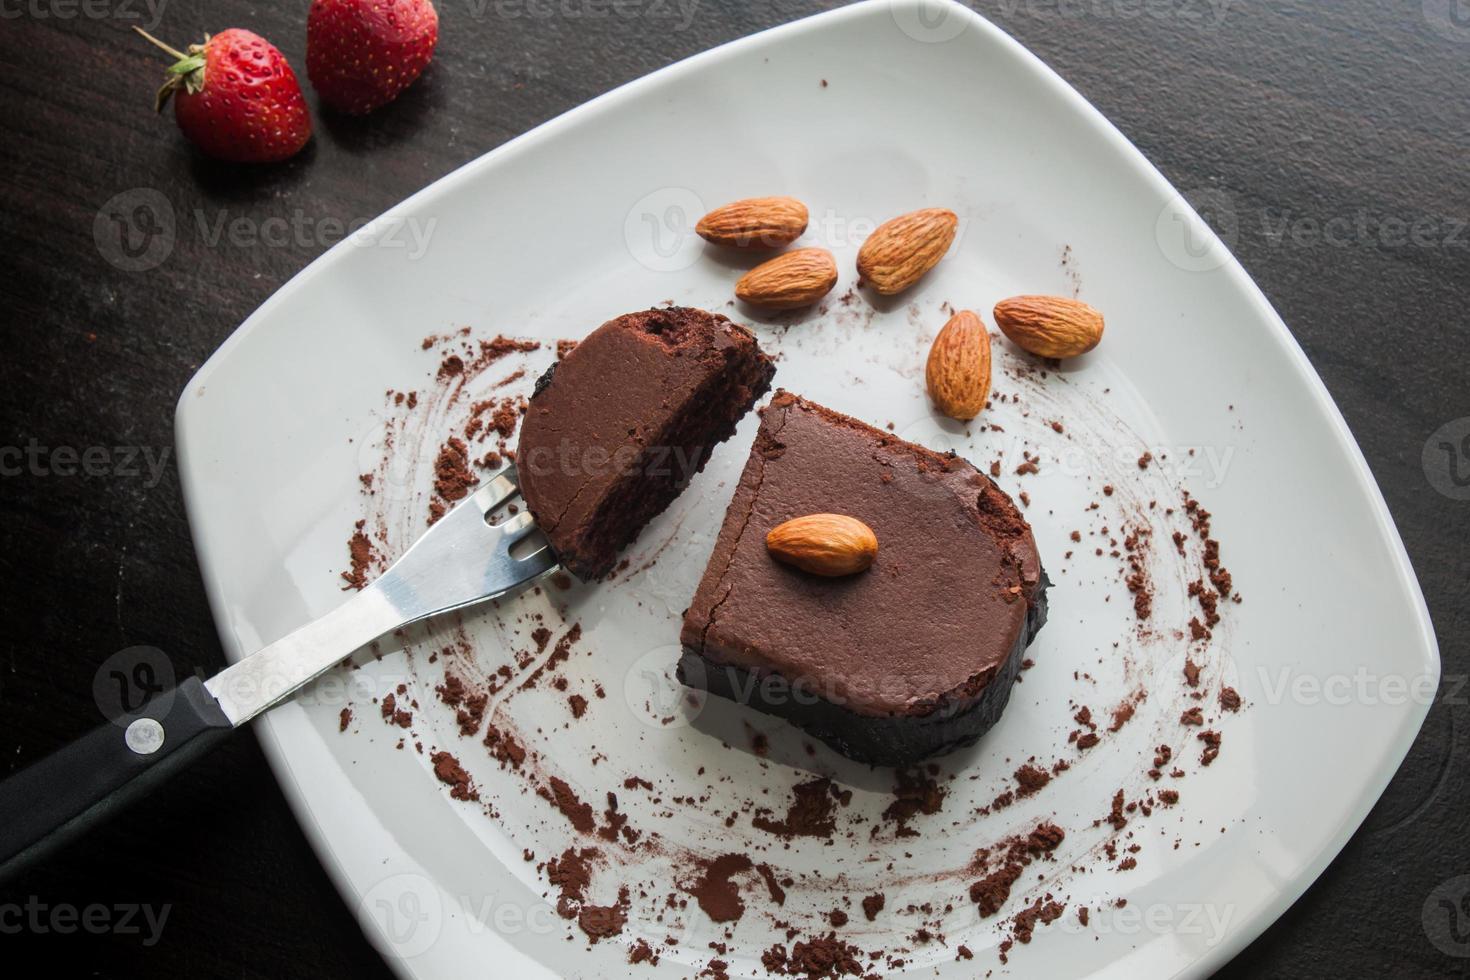 postre pastel de chocolate en un plato blanco. foto